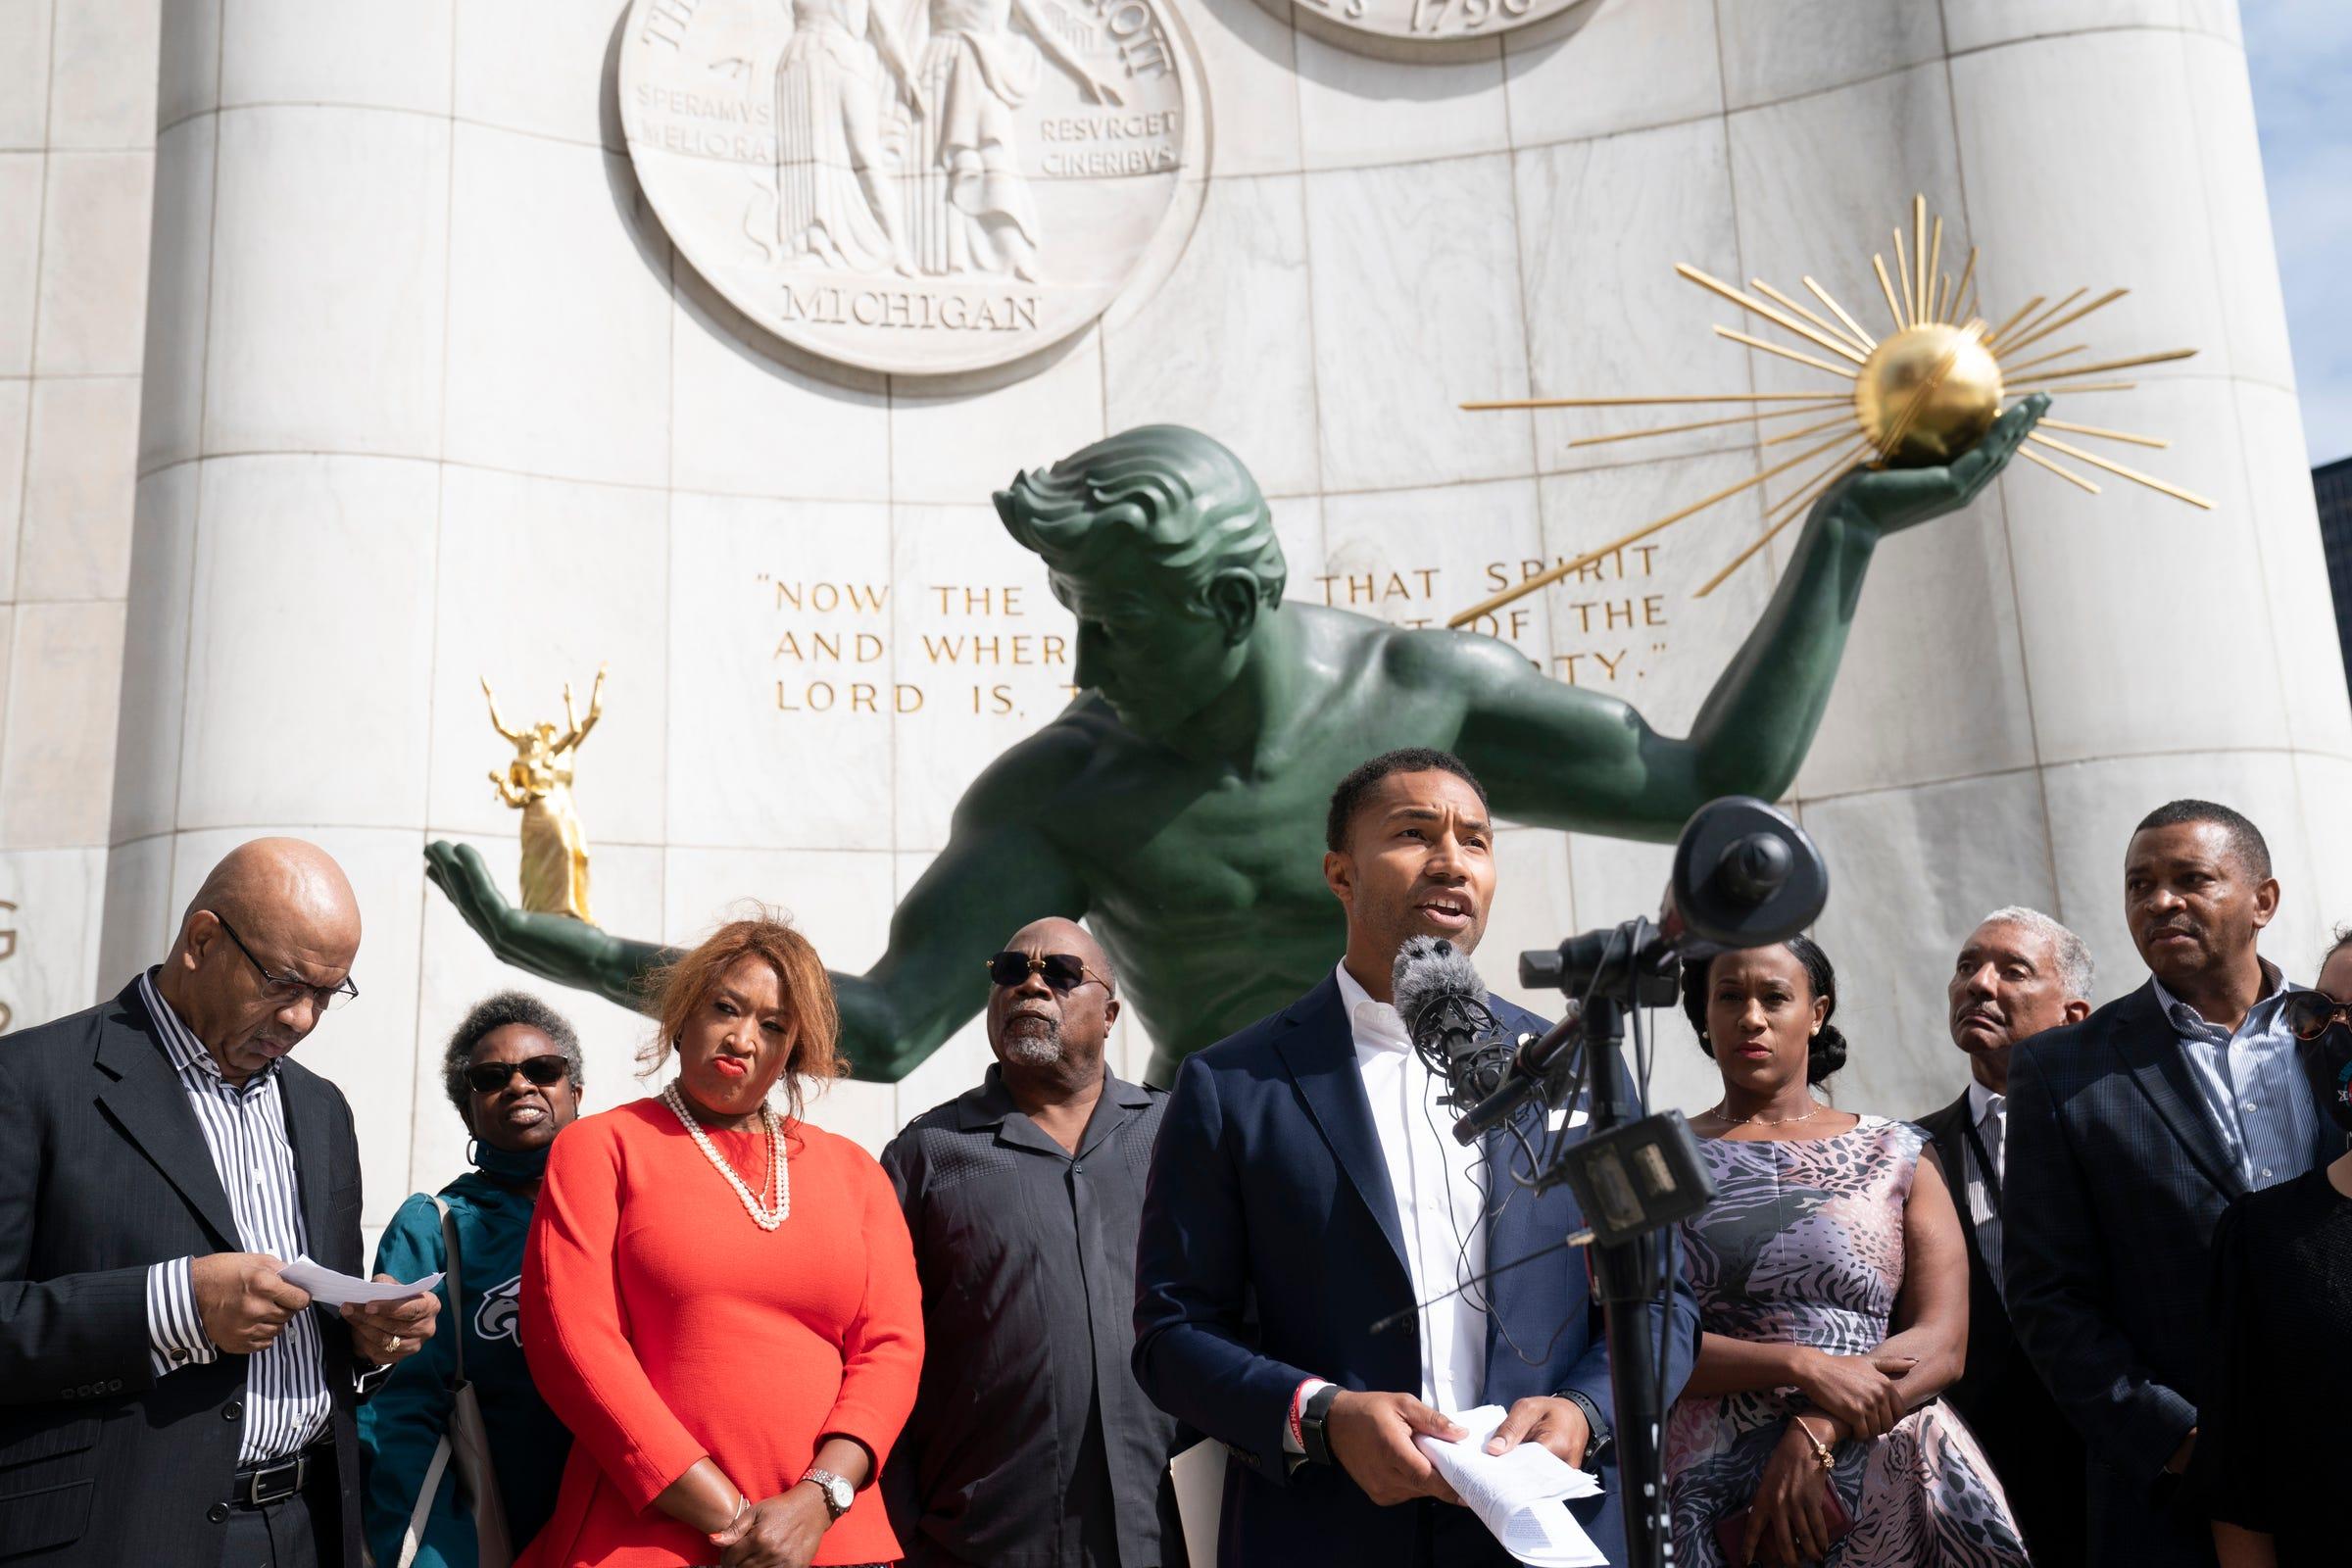 Detroit officials, activists say proposed political maps disenfranchise Black voters